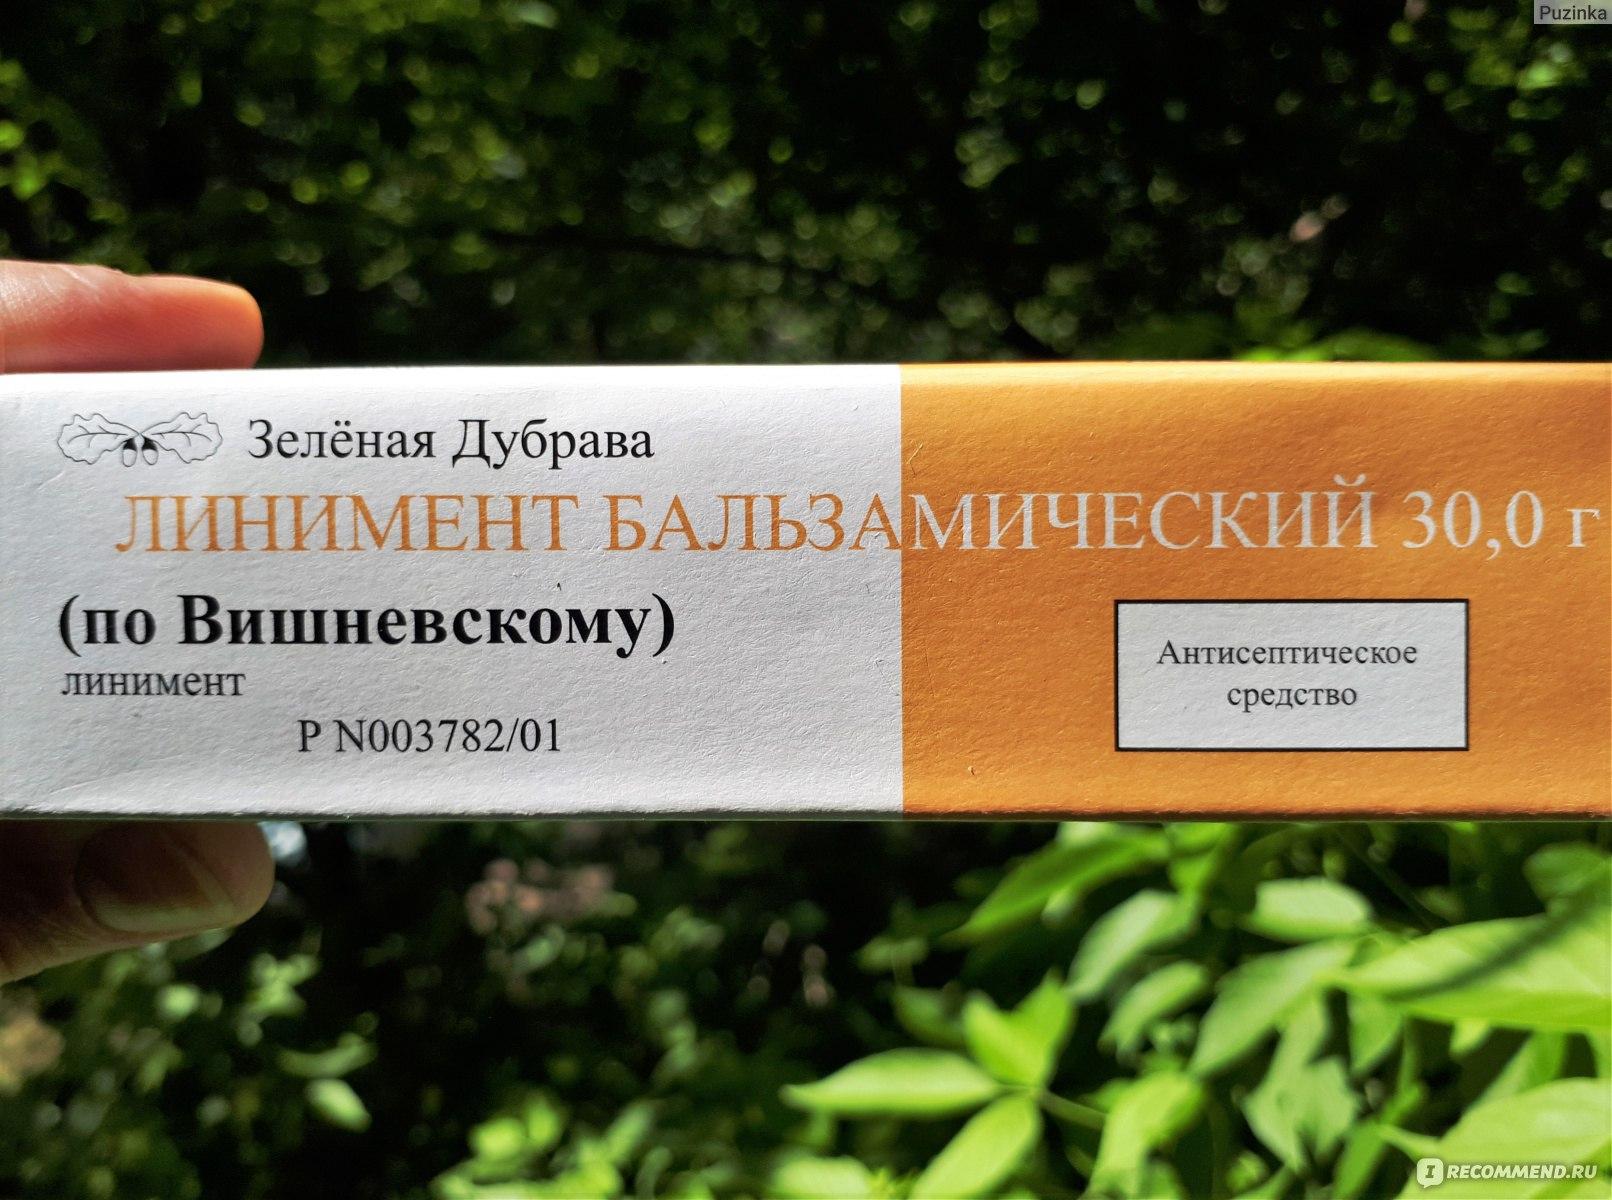 Мазь вишневского: инструкция по применению для детей и взрослых, состав, обзор аналогов и отзывы